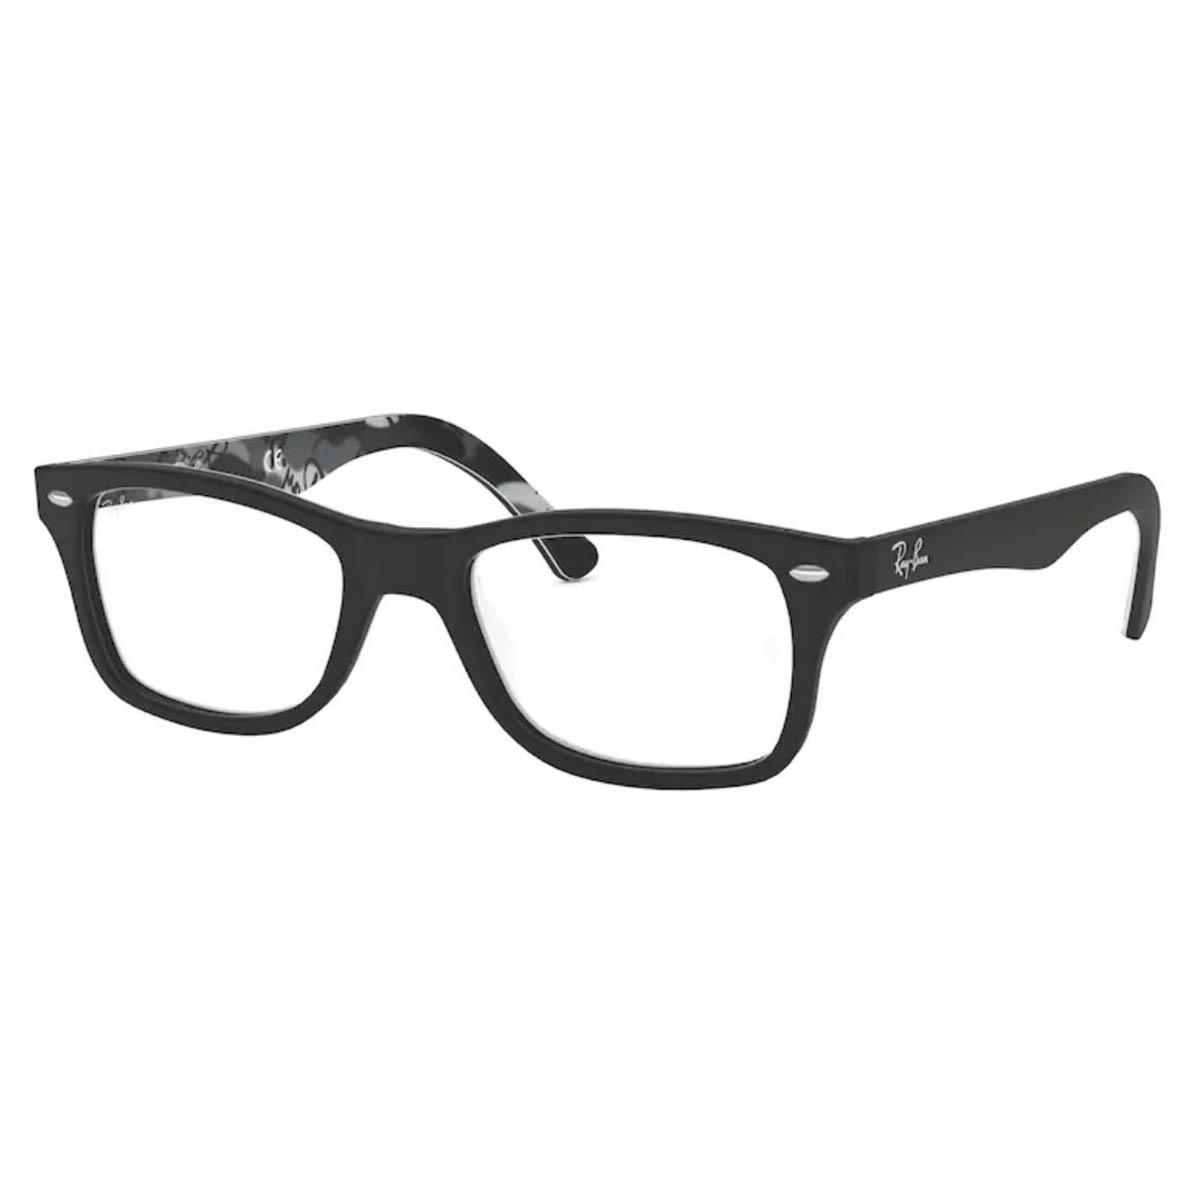 Óculos de Grau Ray Ban Acetato RX5228 Preto Fosco com Estampa